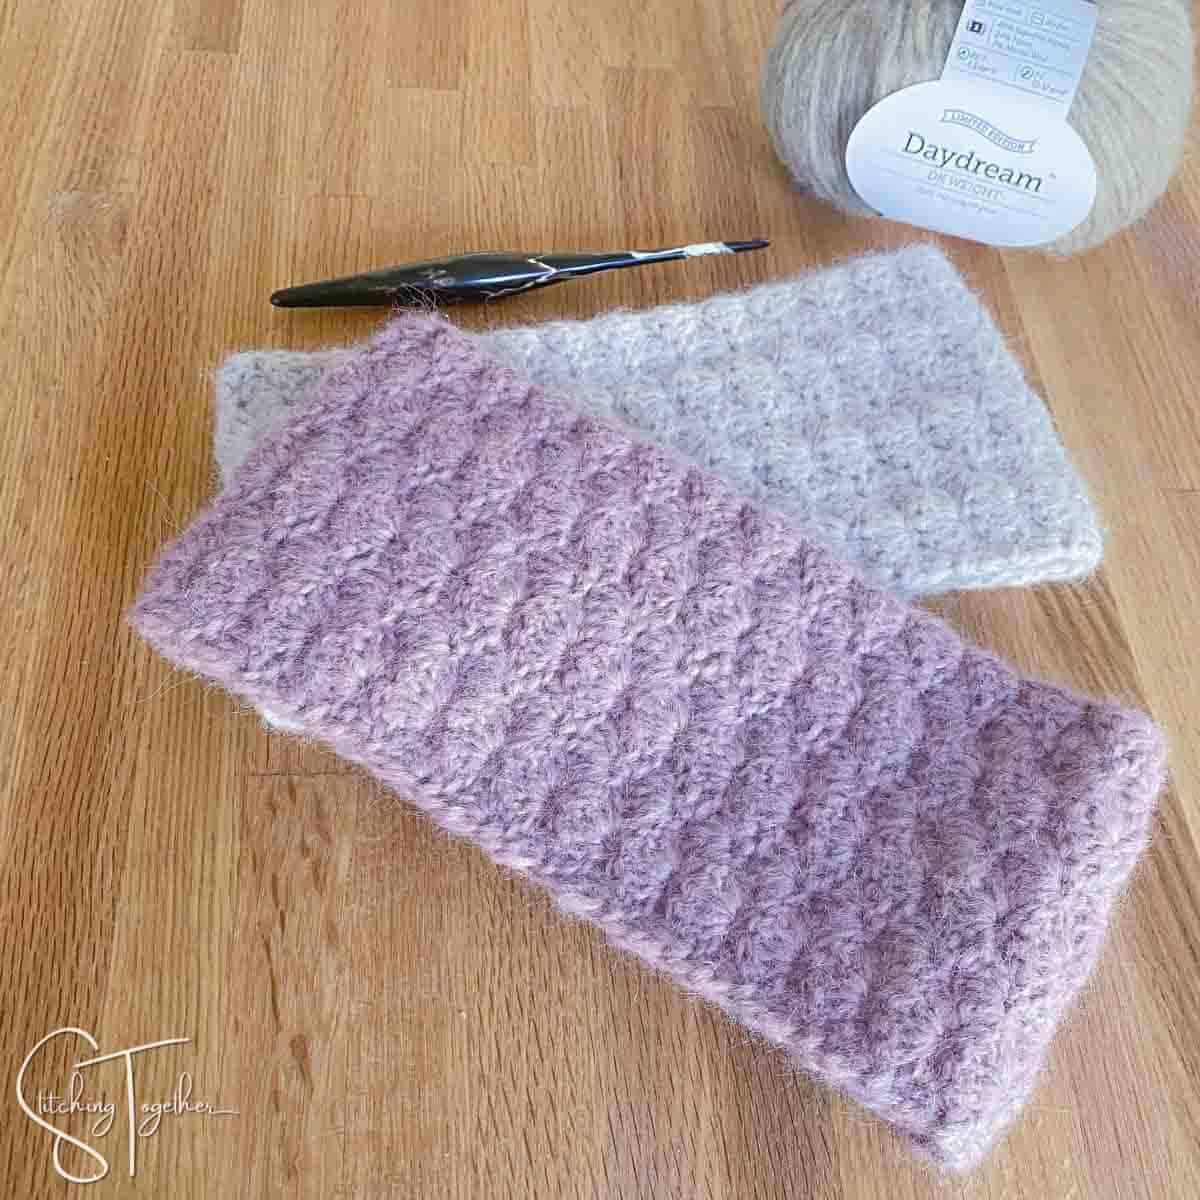 2 shell stitch crochet headbands laying flat near a hook and yarn